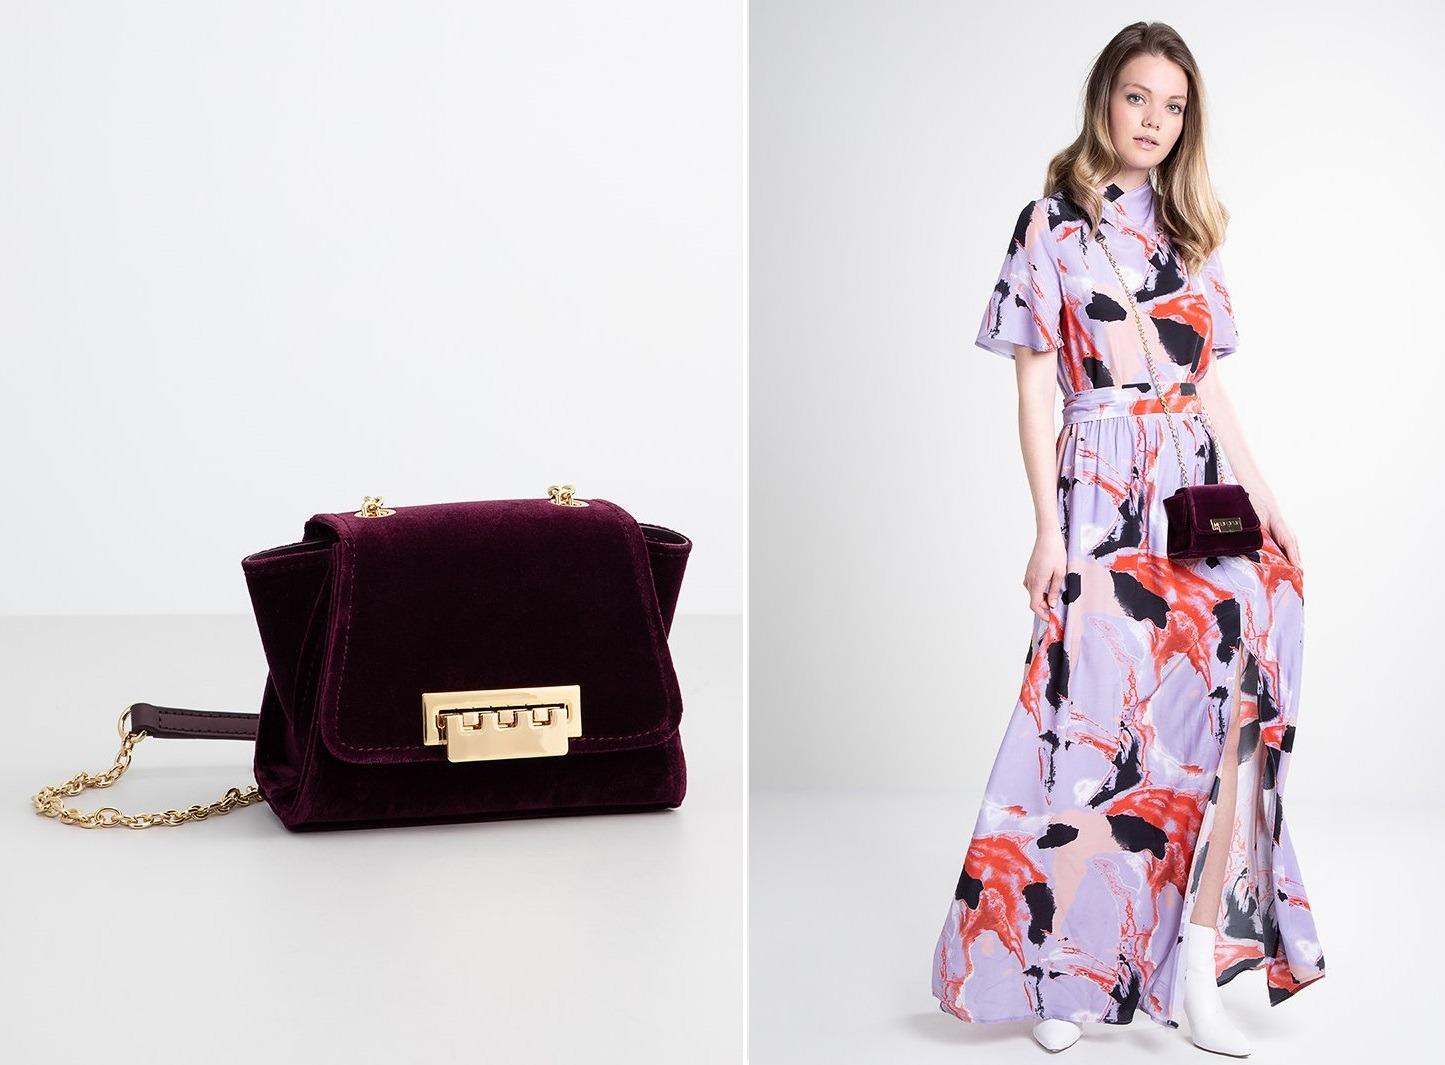 15 stilvolle Damentaschen Zac Posen